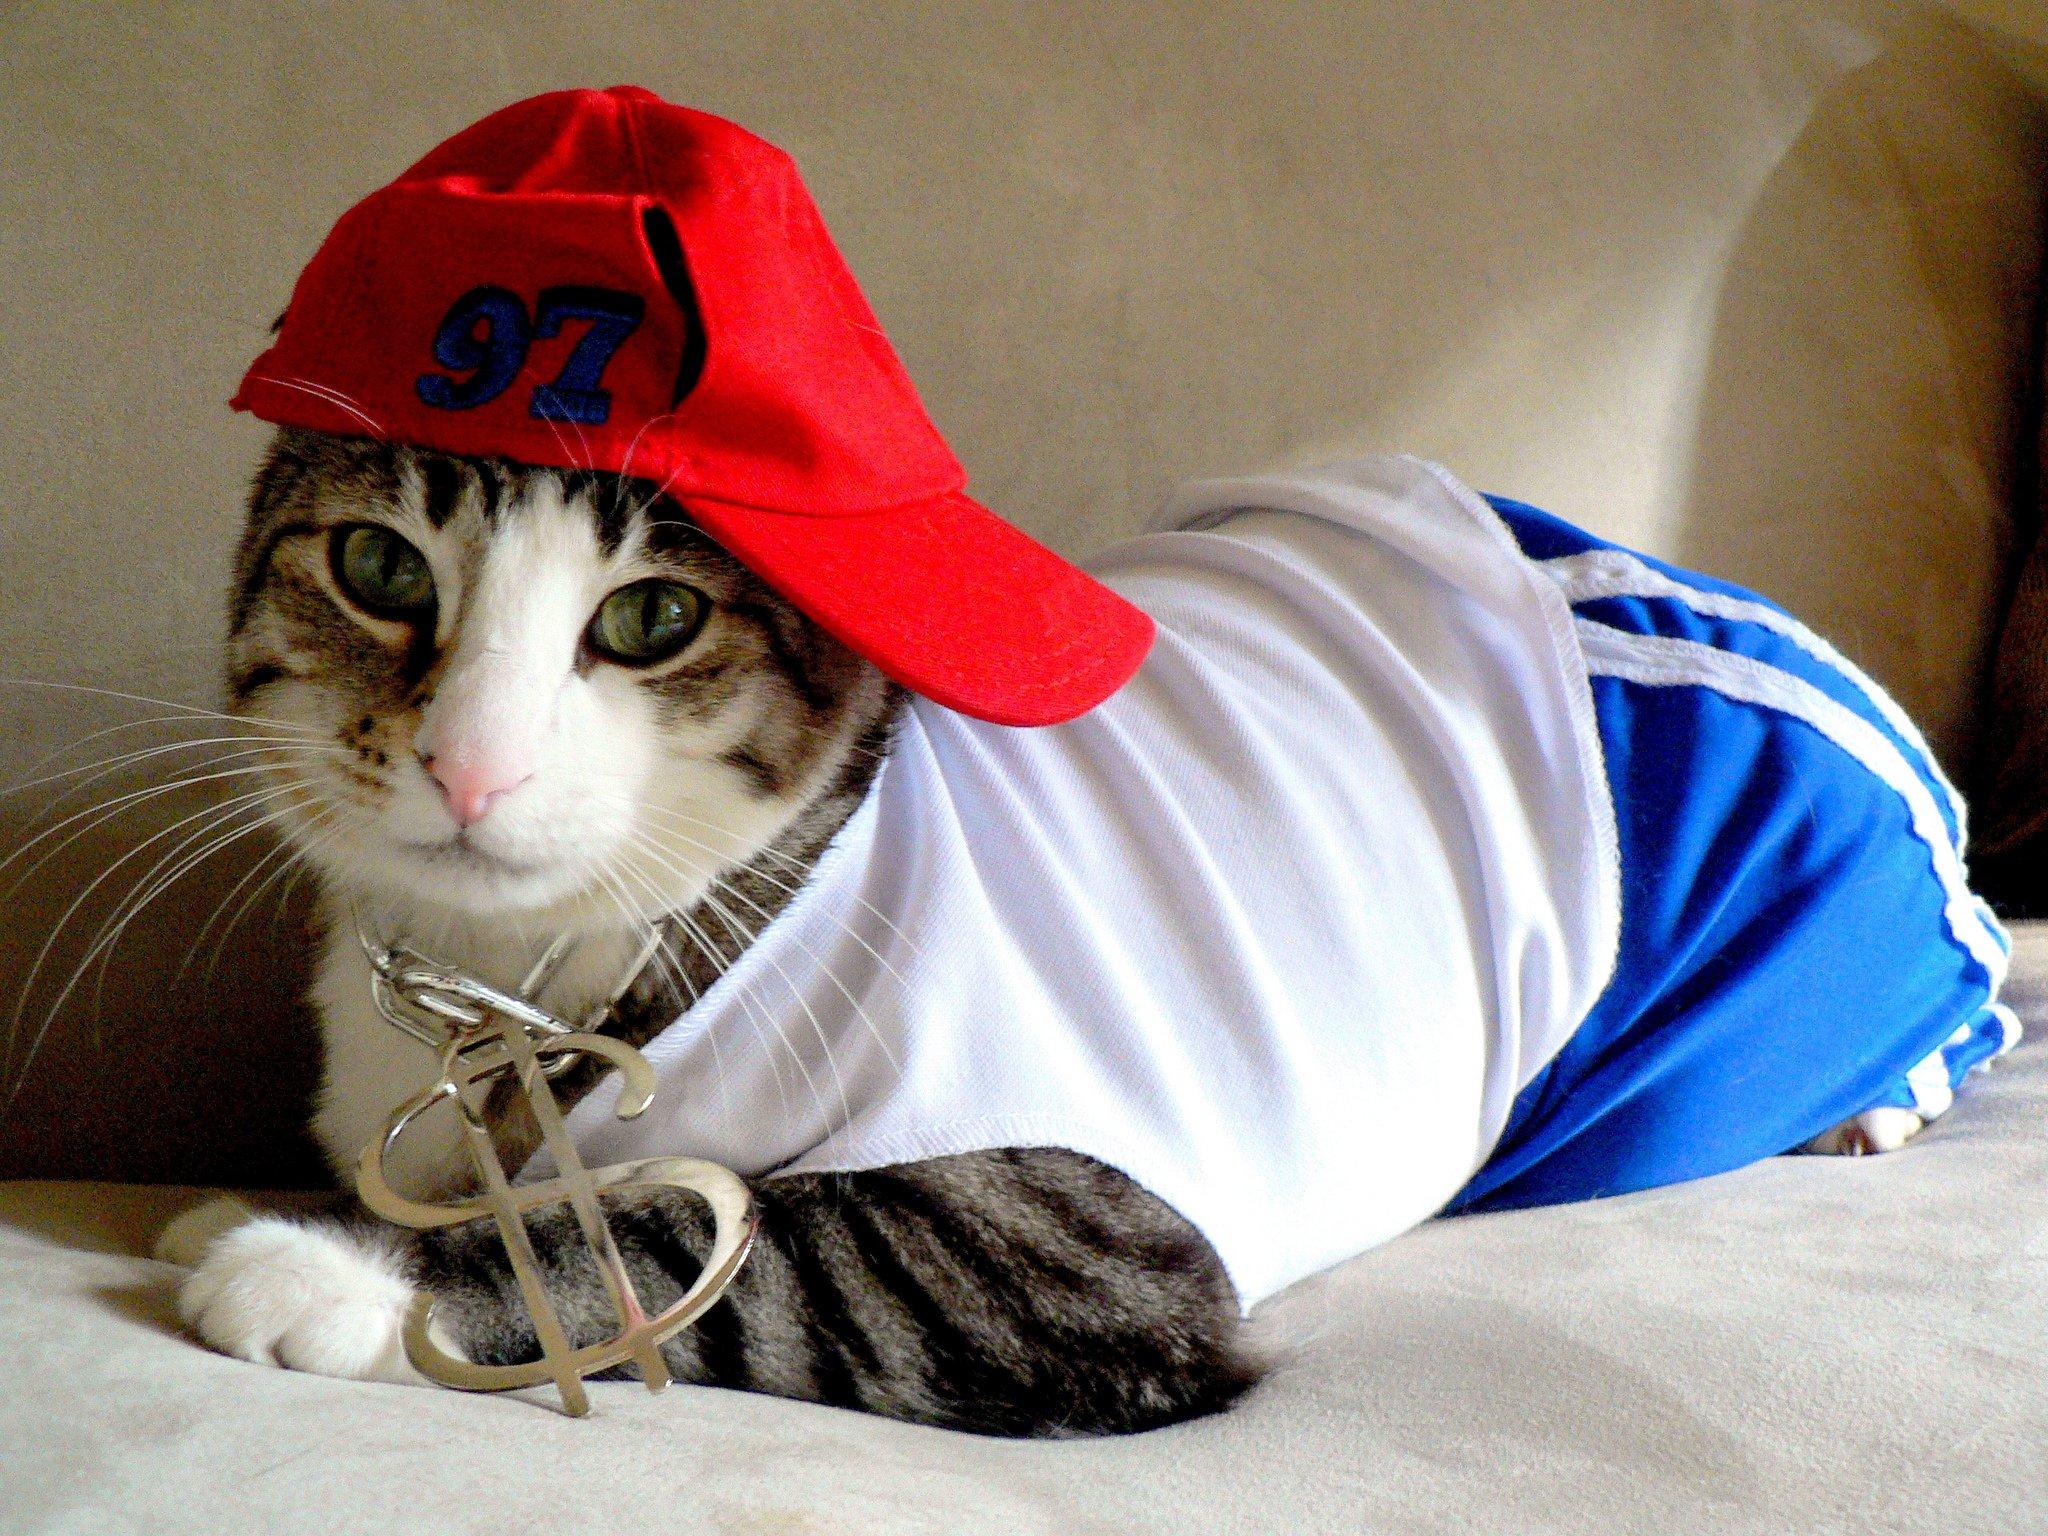 Картинка полицейского, прикольные картинки кошка в одежде